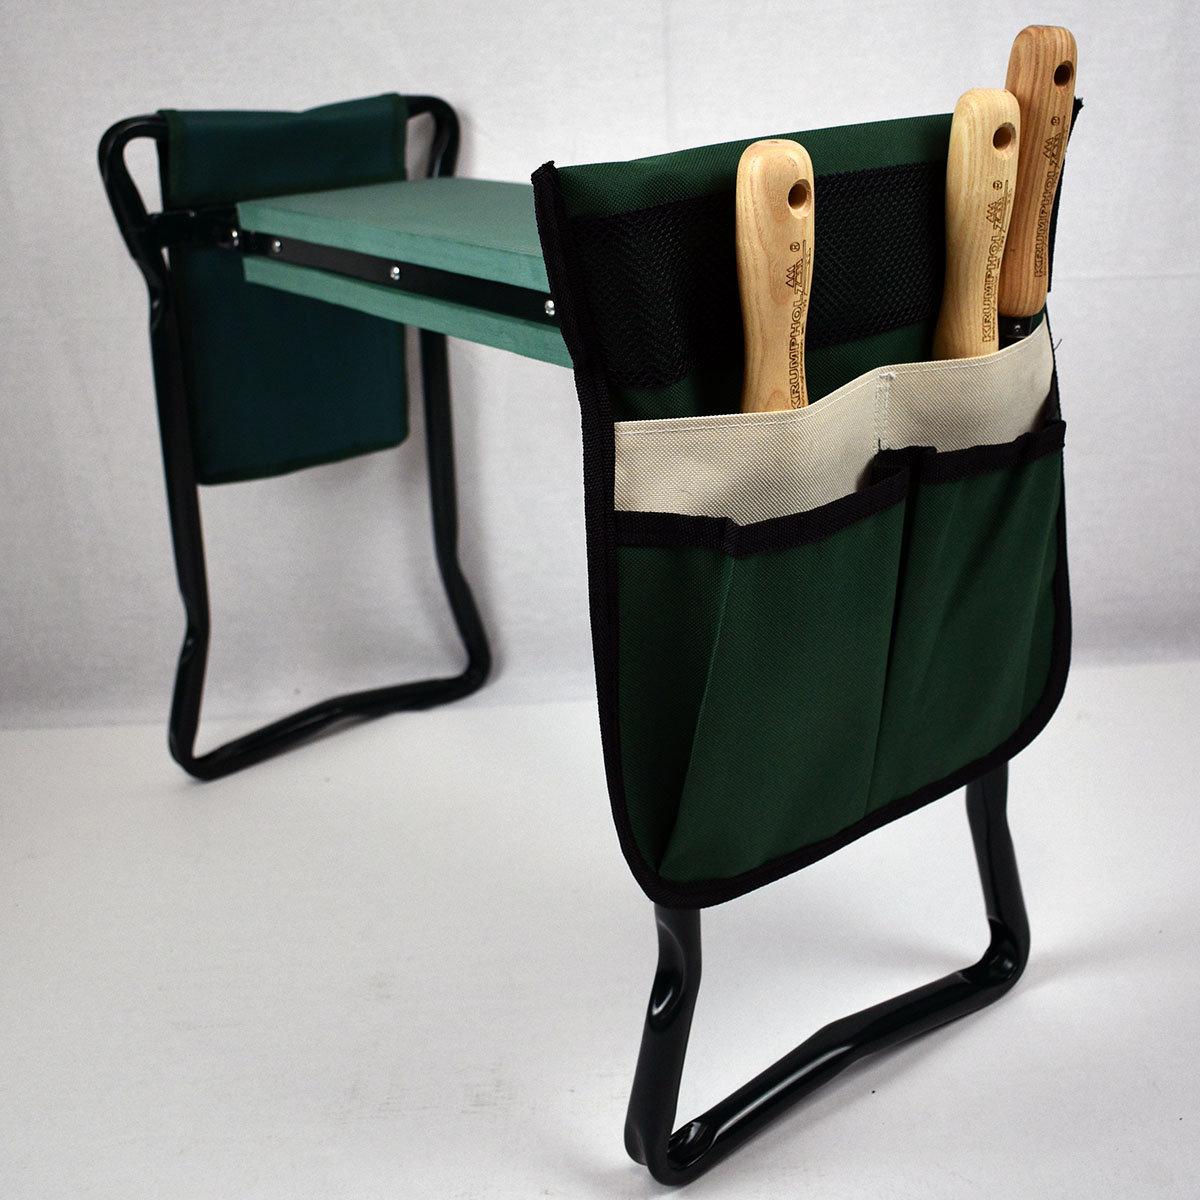 Ersatz-Werkzeugtasche für Knie- und Gartenbank